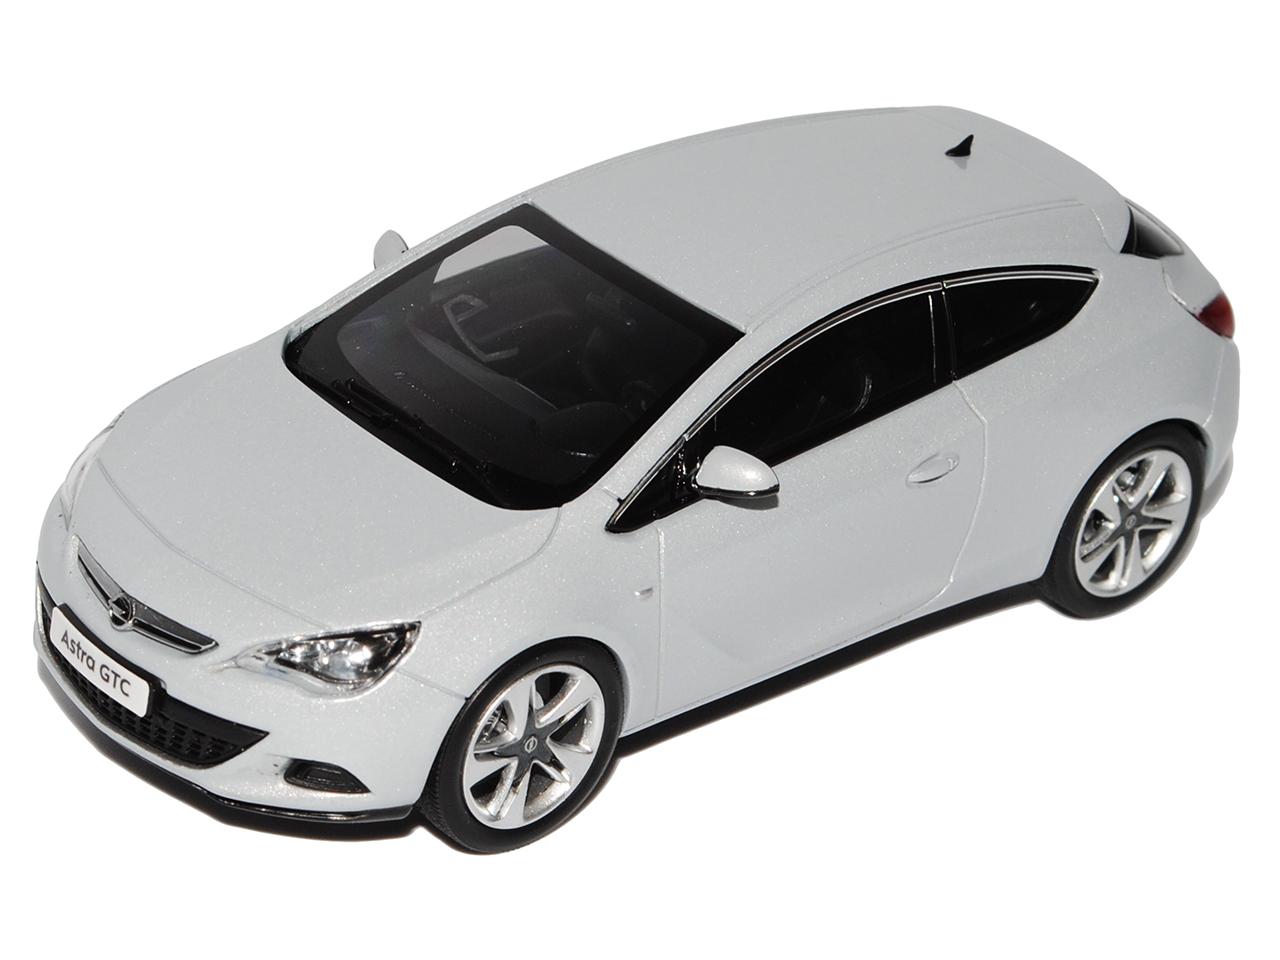 OPEL ASTRA GTC J a partire dal 2009 COUPE minerale bianco argento 1//43 Motorart modello auto...